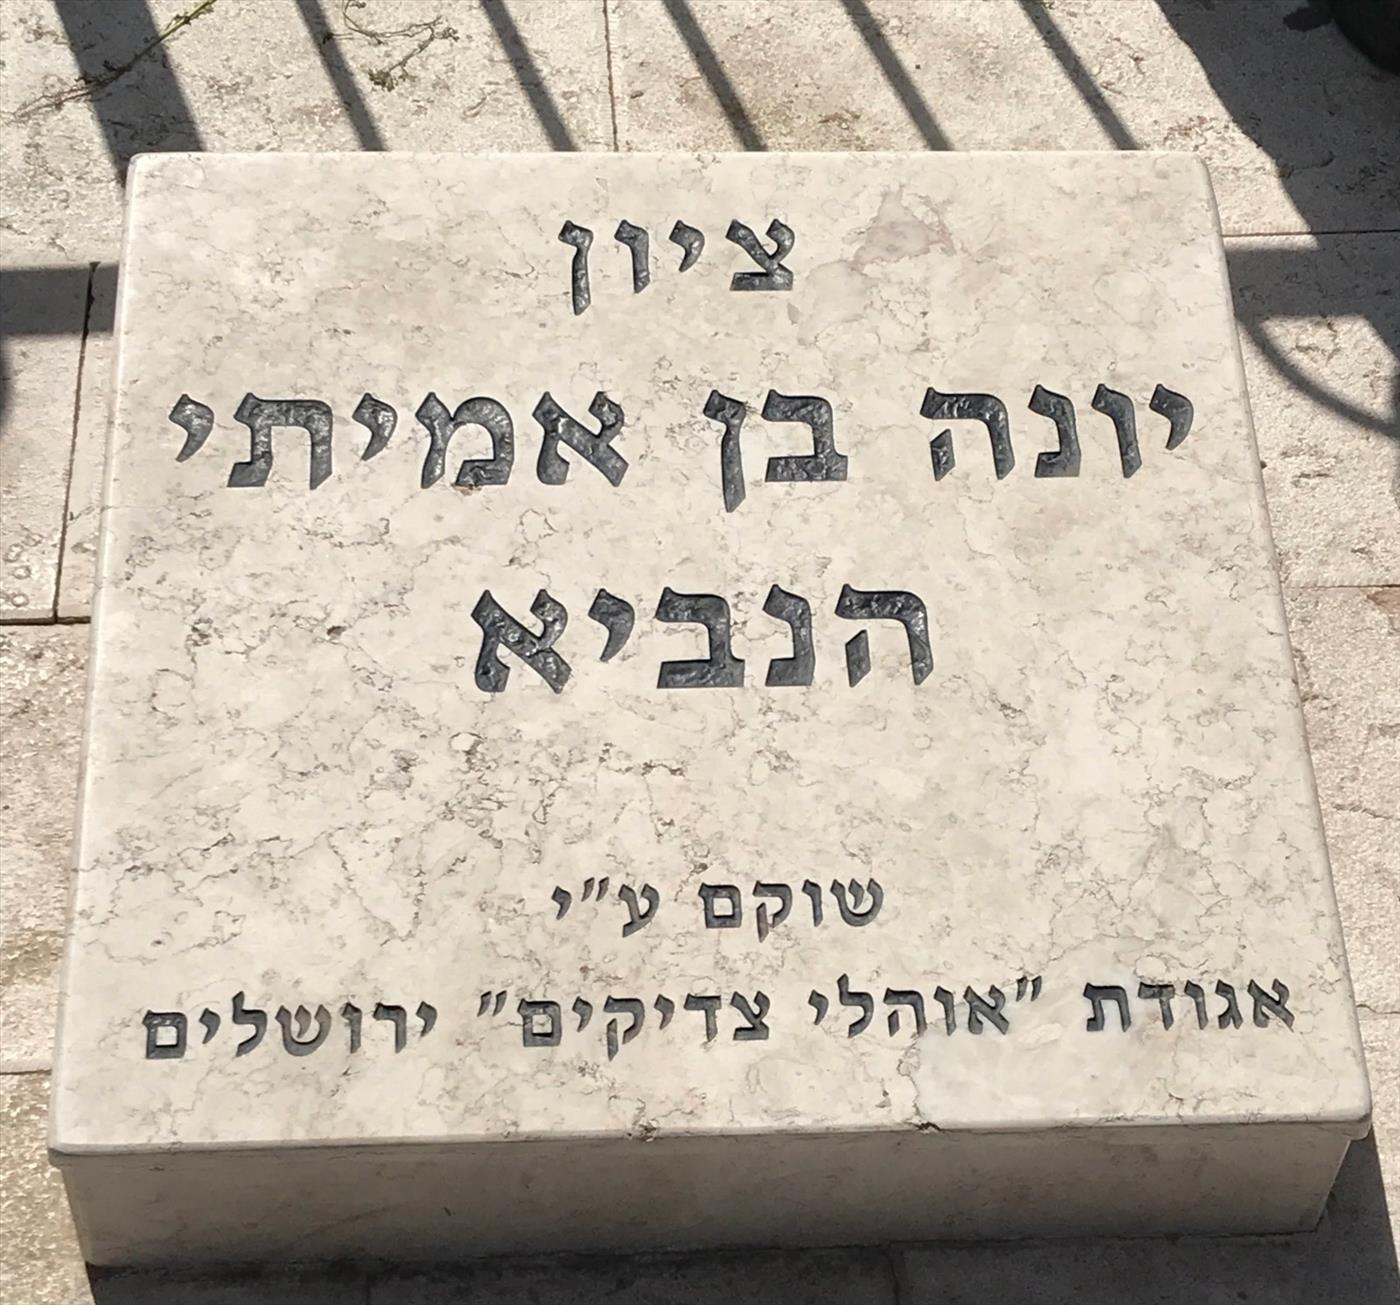 מקום מיוחס לקבורת יונה הנביא (ניר כהן)